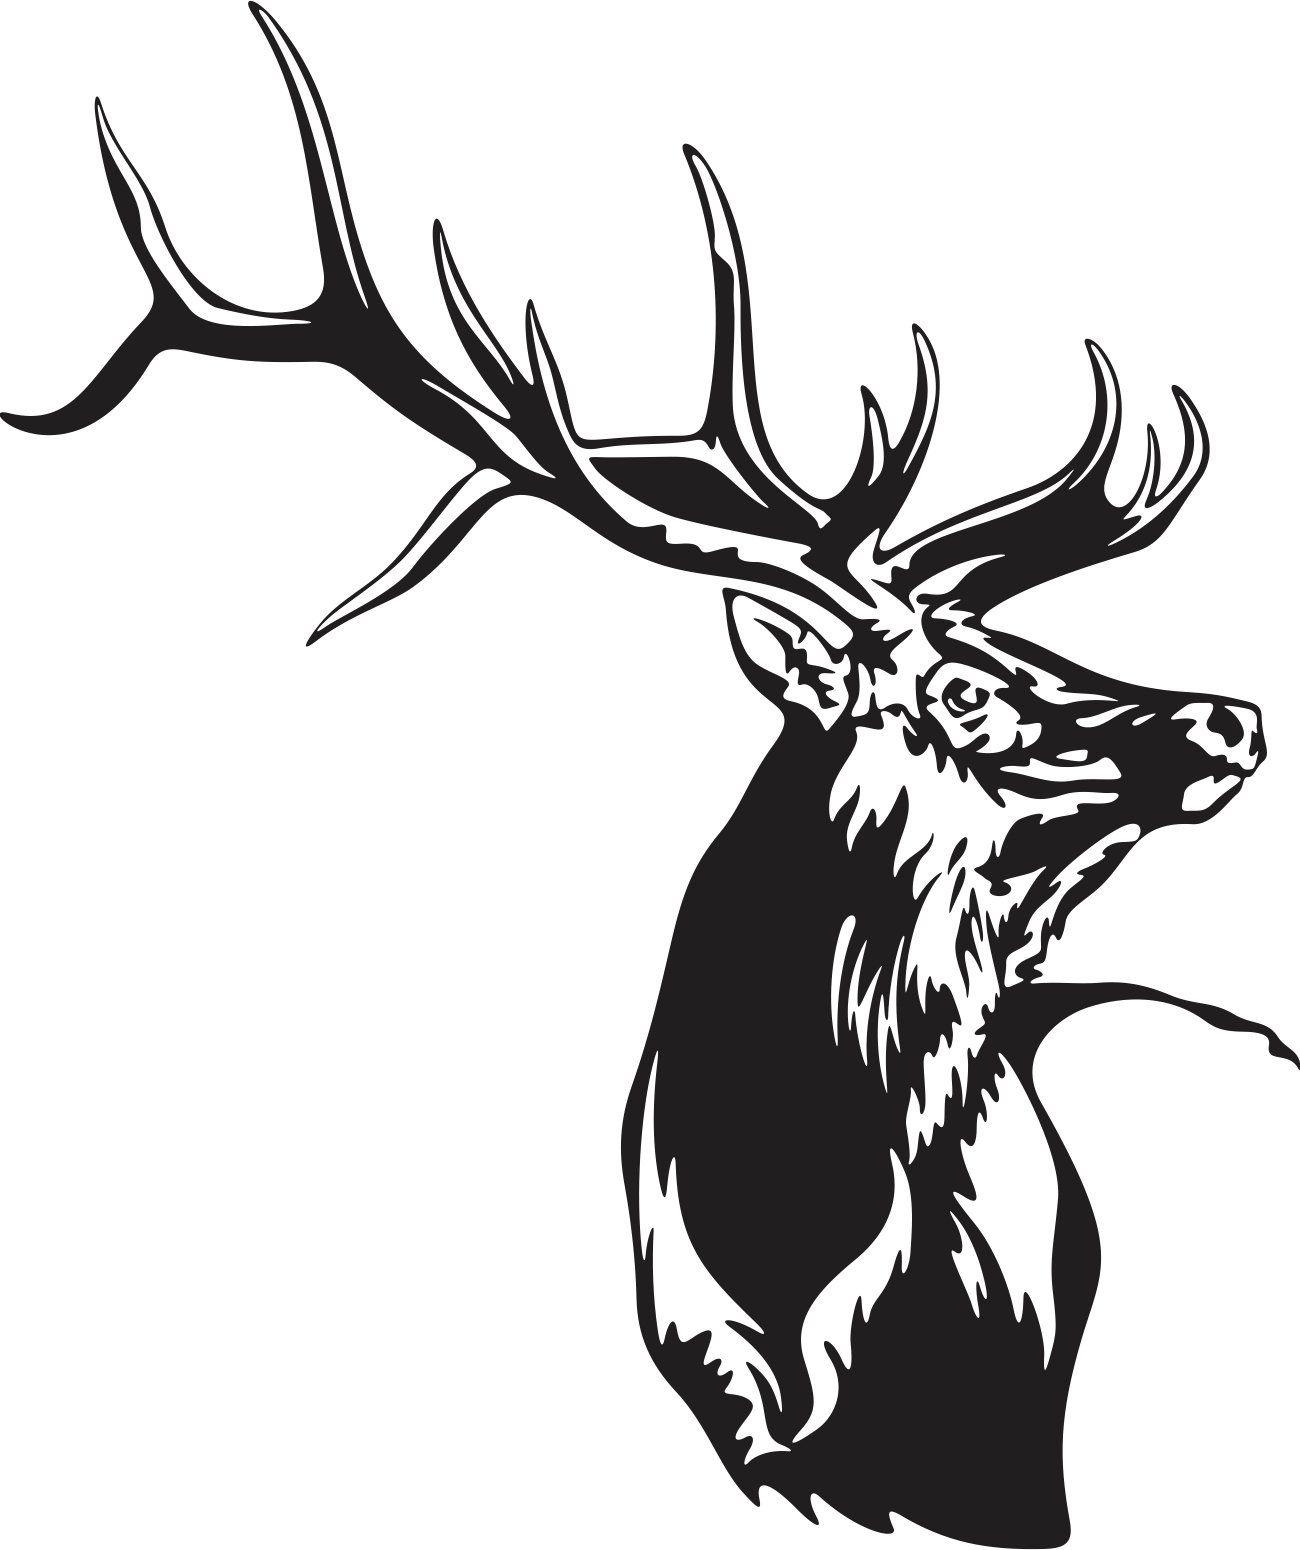 Beautiful Detailed Elk Silhouette Mascot Decal